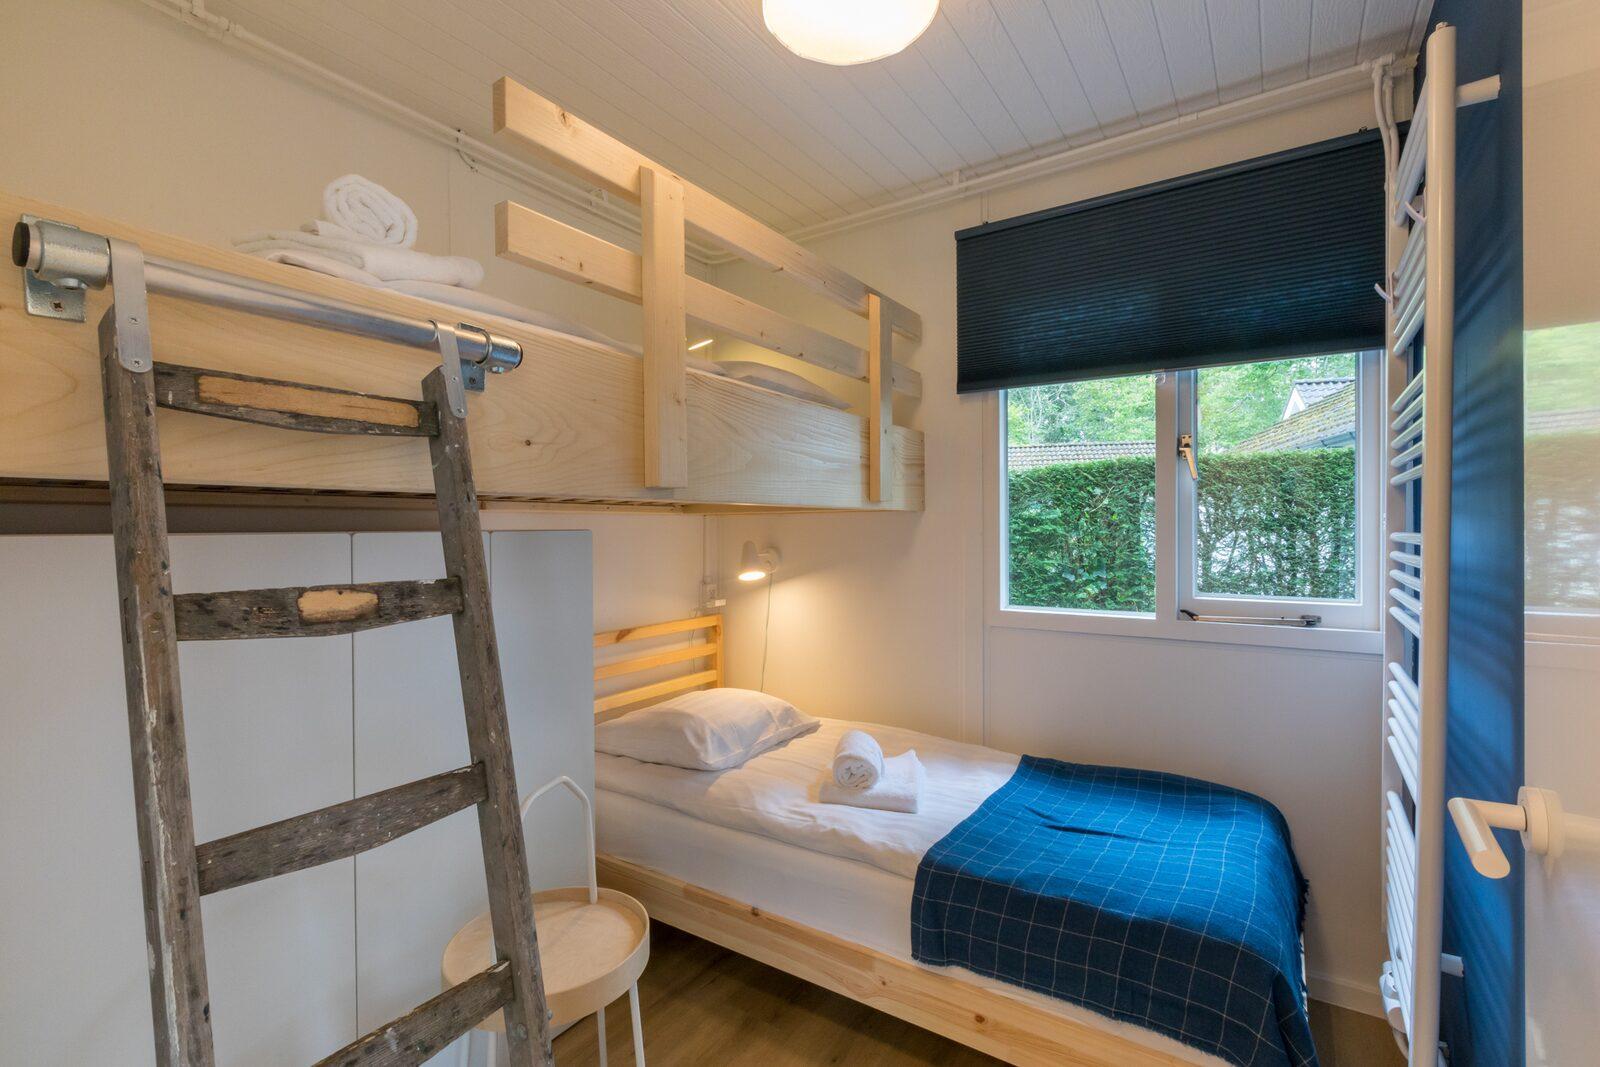 Vakantiehuis - Noordendolfer 2-49 | Zoutelande